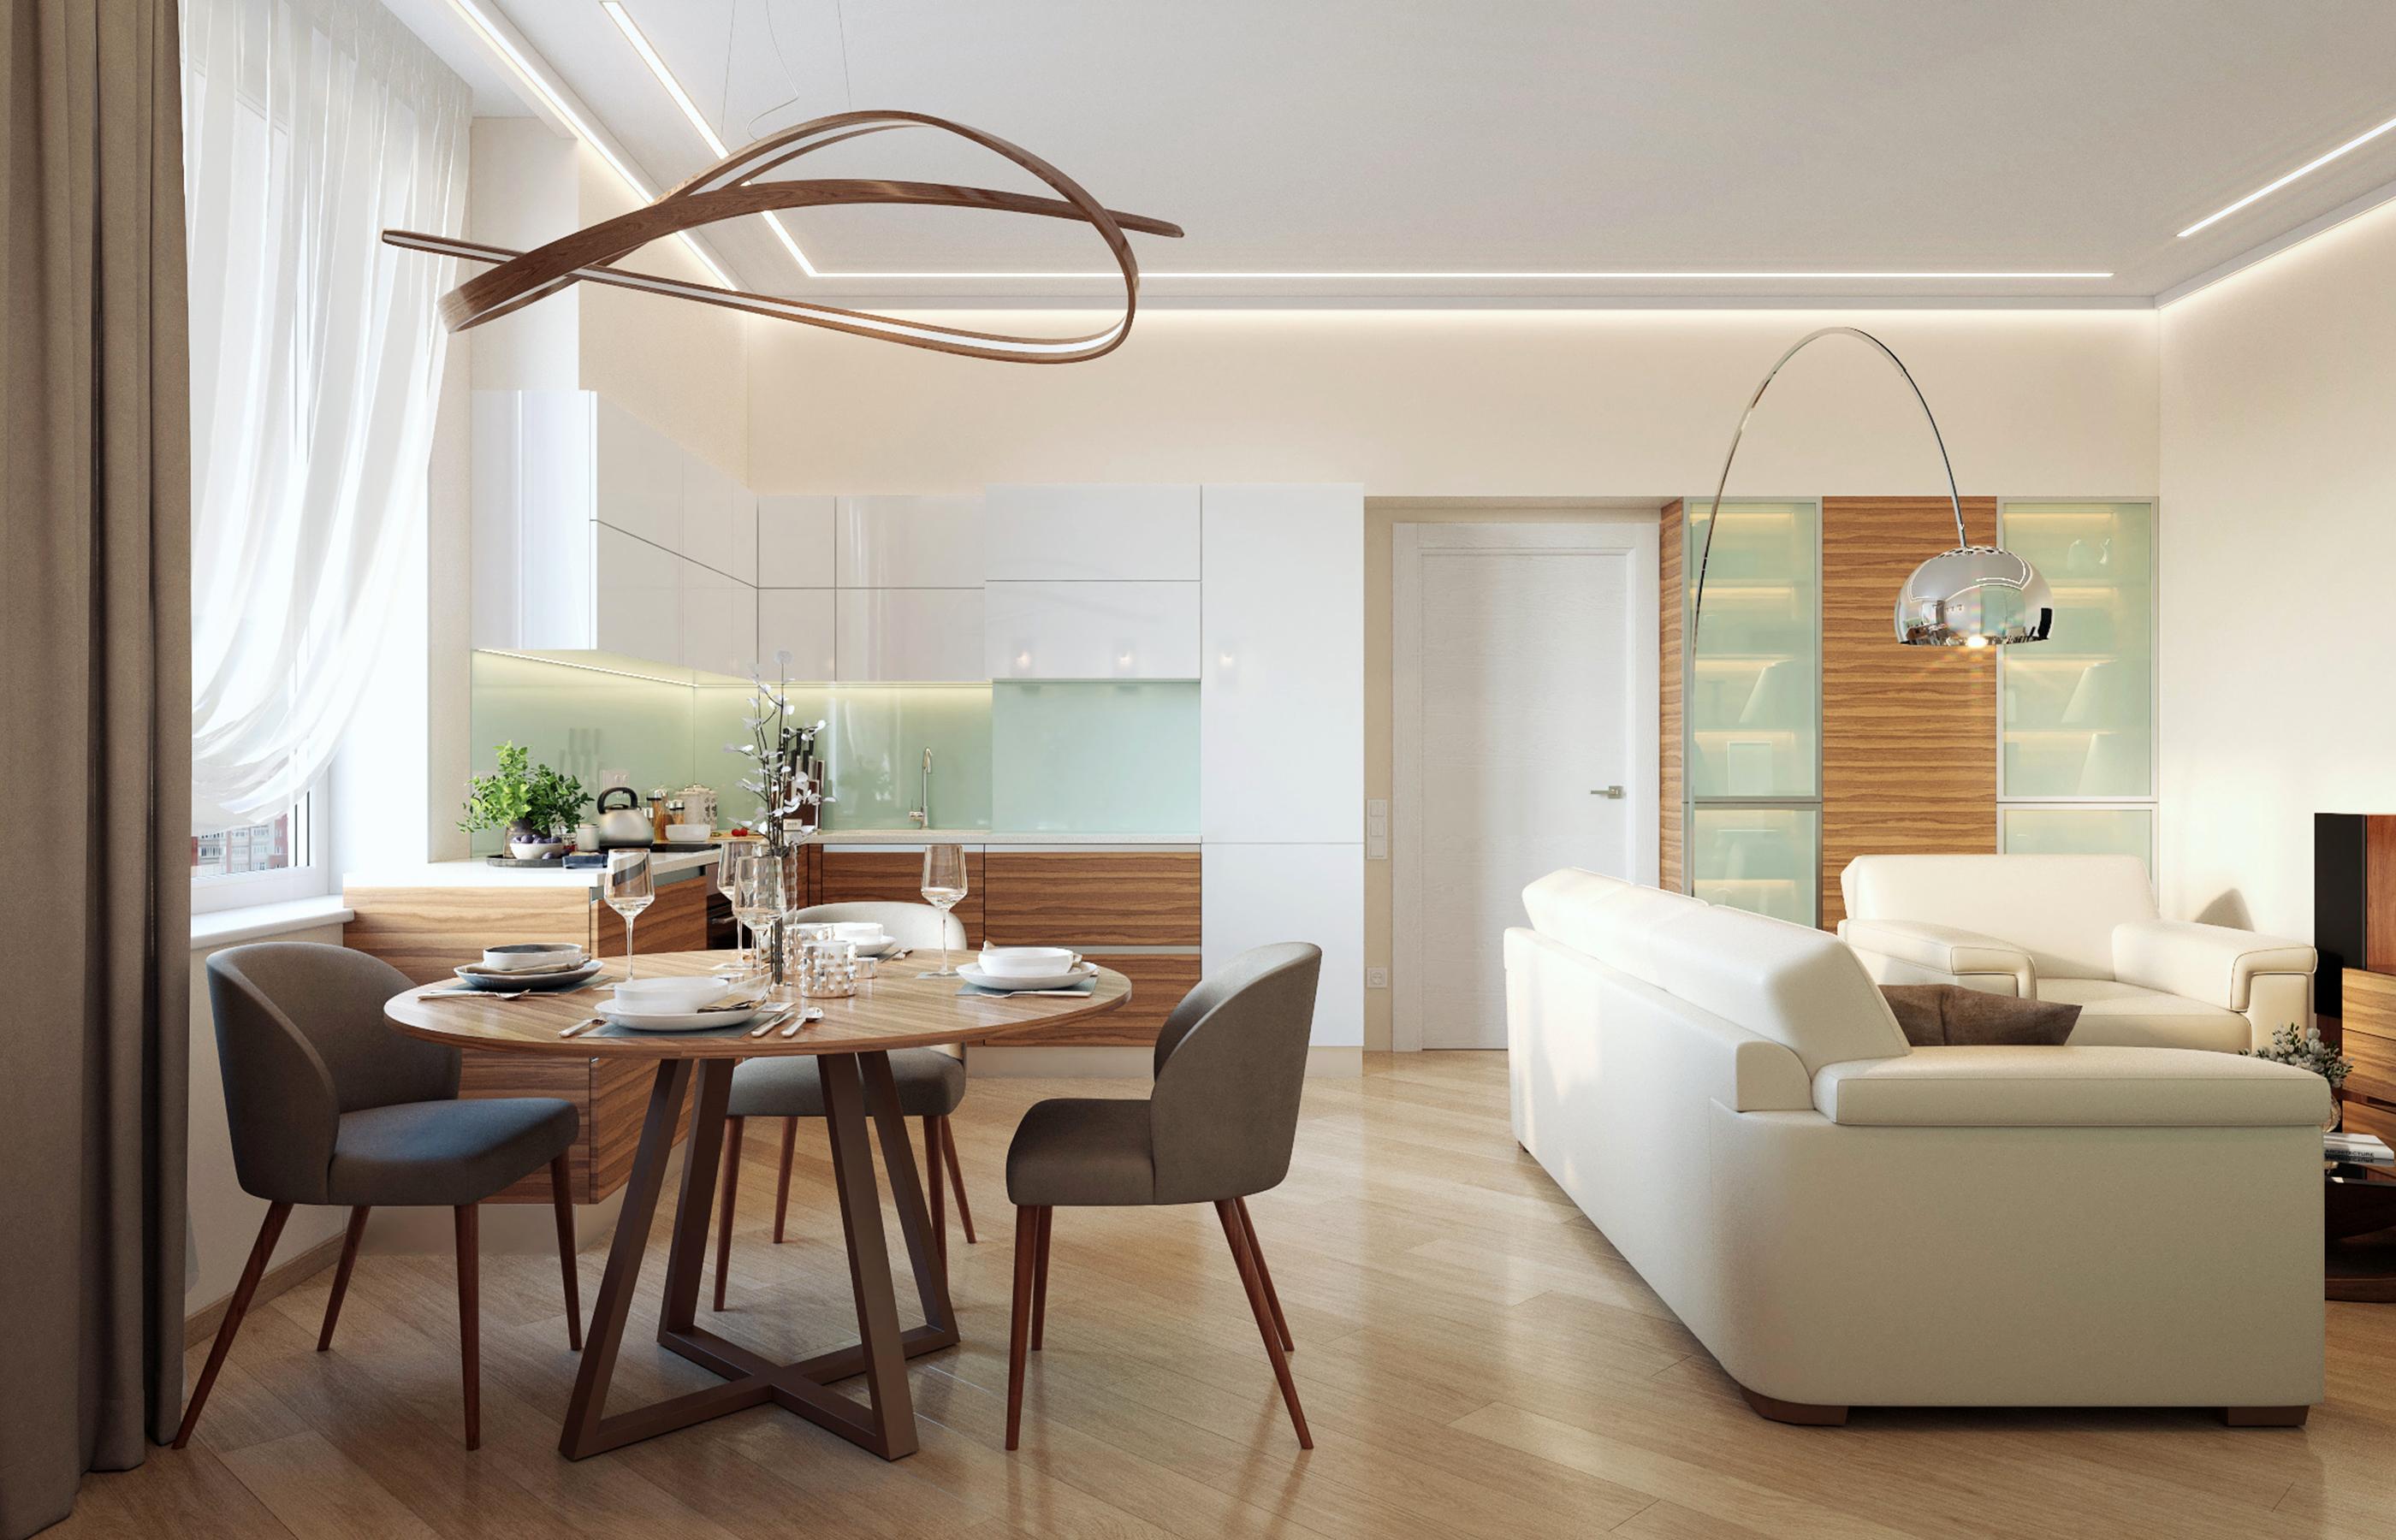 Дизайн интерьера гостиной, объединненой с кухней